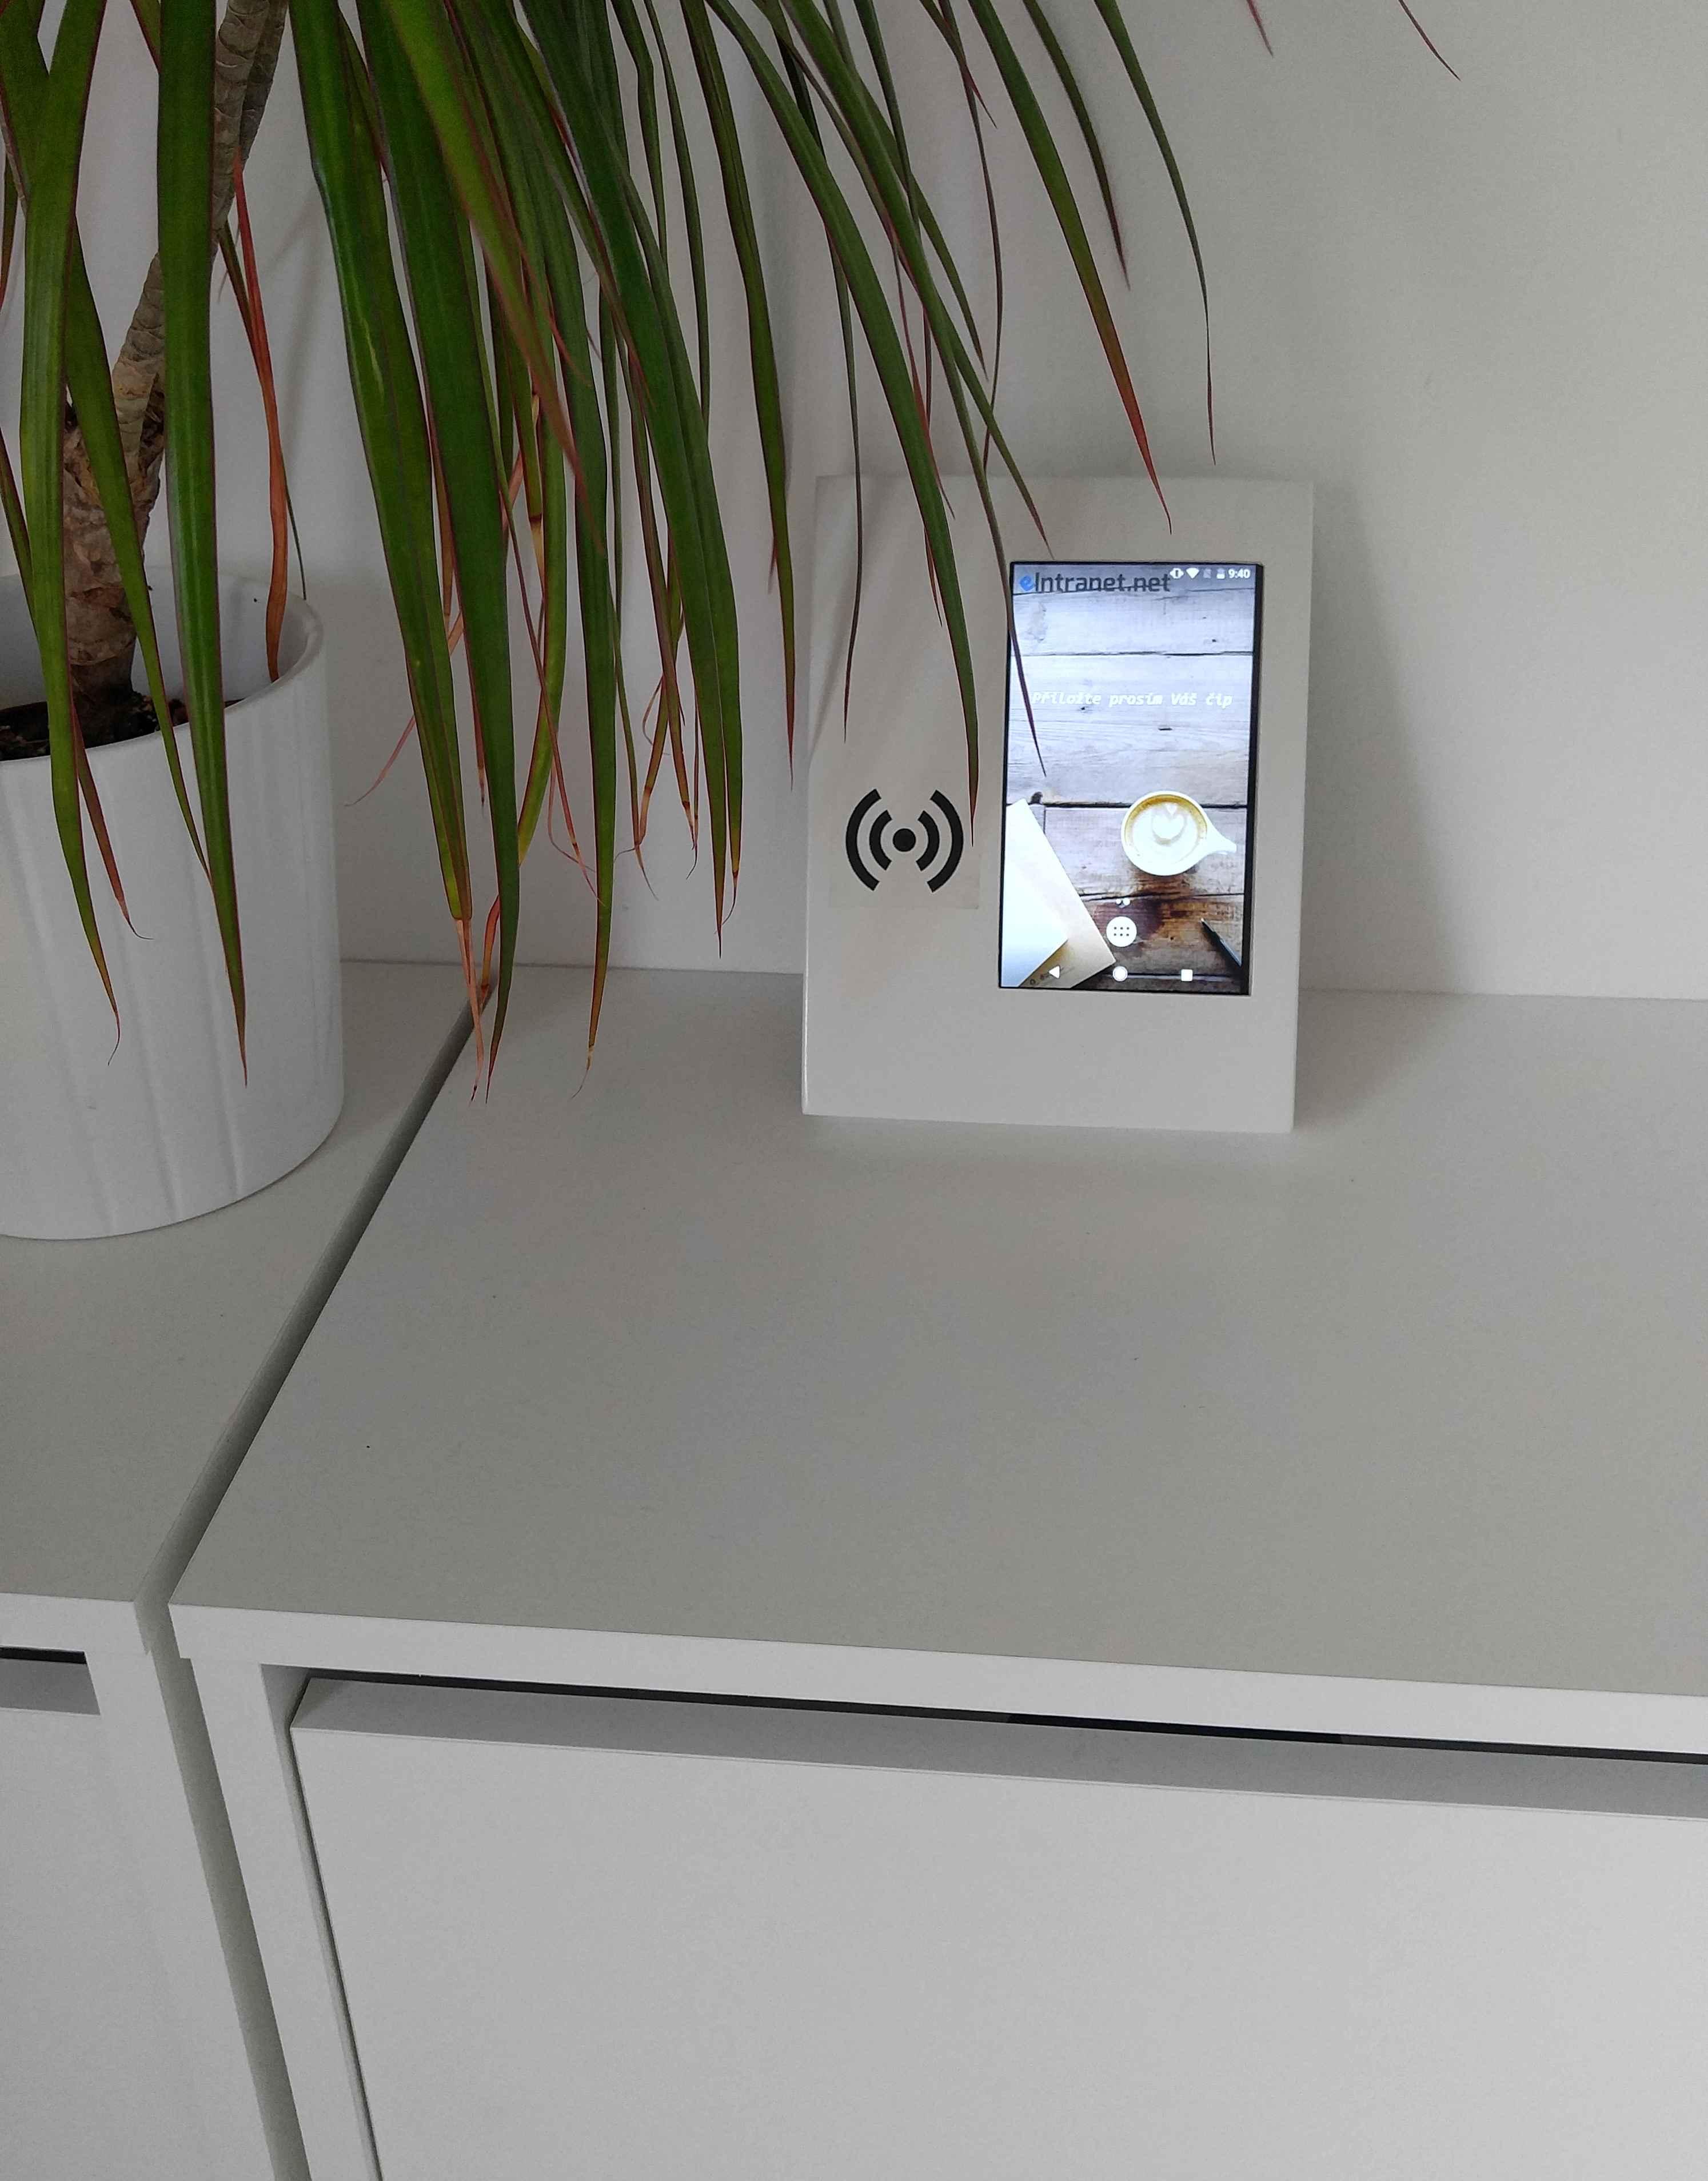 Docházkové zařízení - čtečka čipů